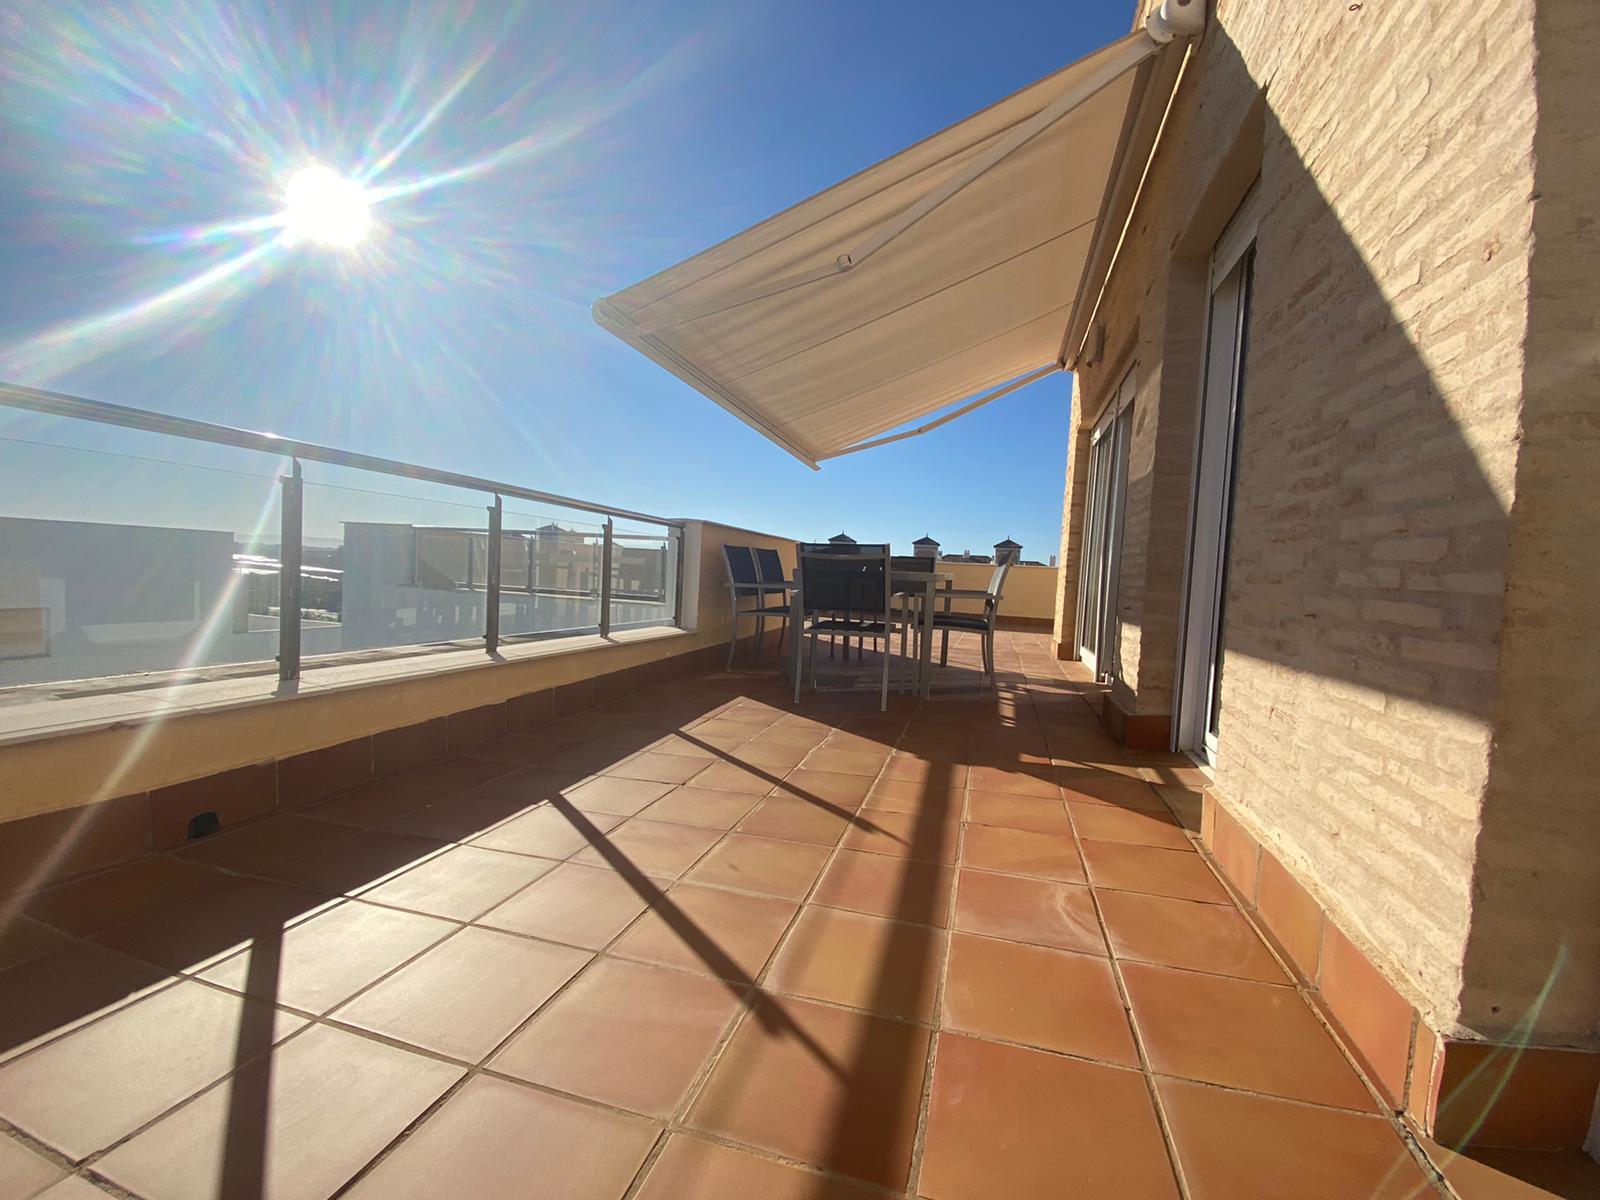 Imagen 40 del Apartamento Turístico, Ático 7 Levante (3d +2b), Punta del Moral (HUELVA), Paseo de la Cruz nº22